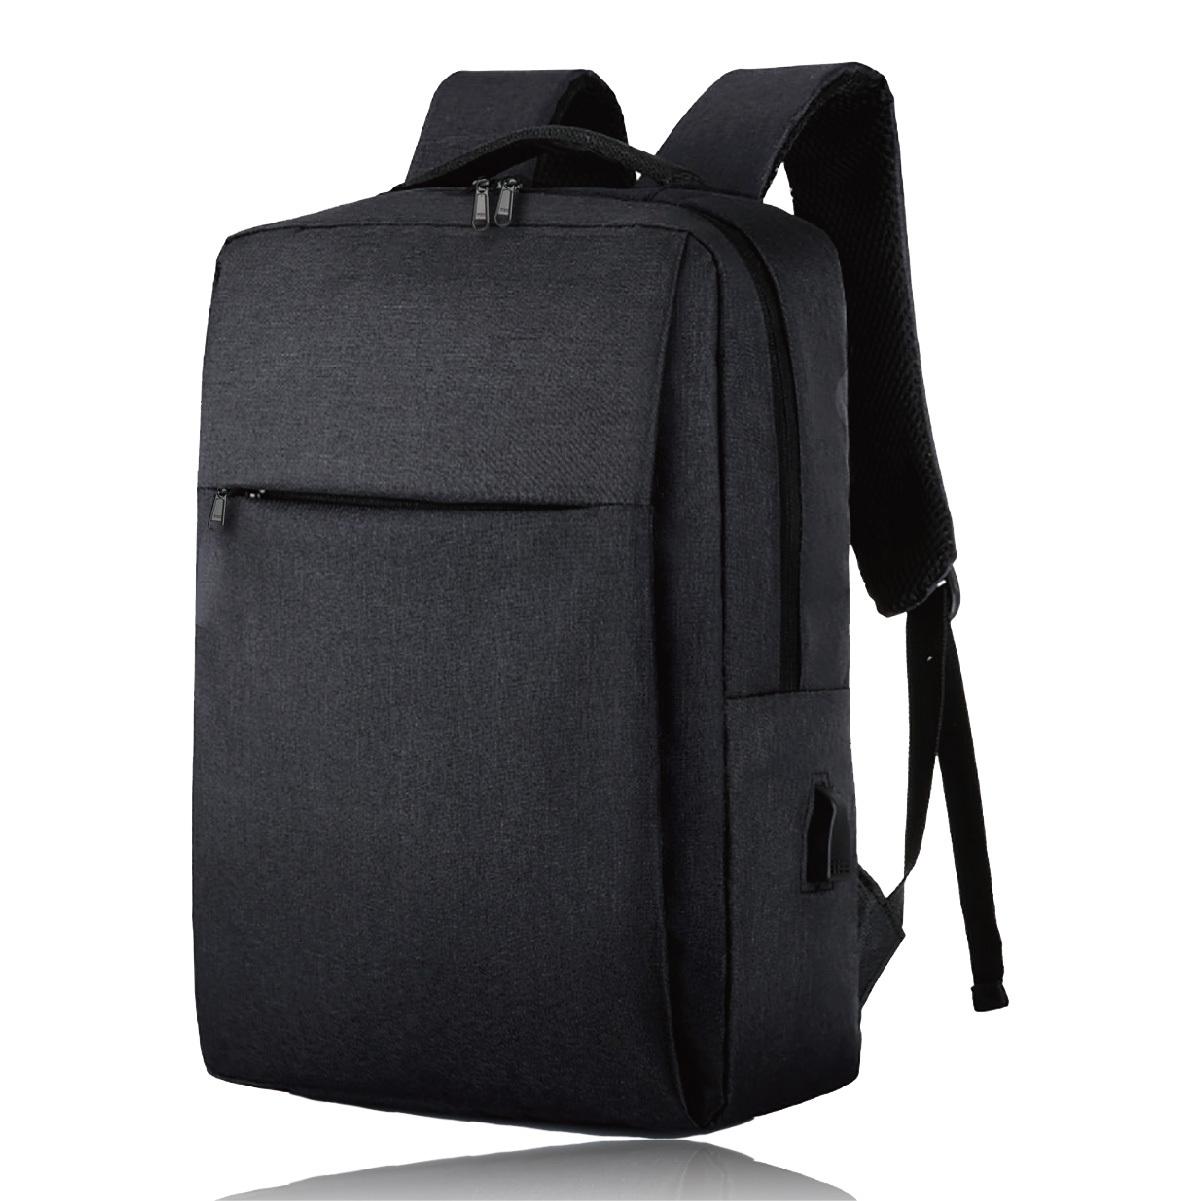 FOX FOUND ビジネスリュック USBポート デイパックスリム リュック バックパック メンズ ビジネス 防水 15.6インチ ノート PC 収納 ブラック